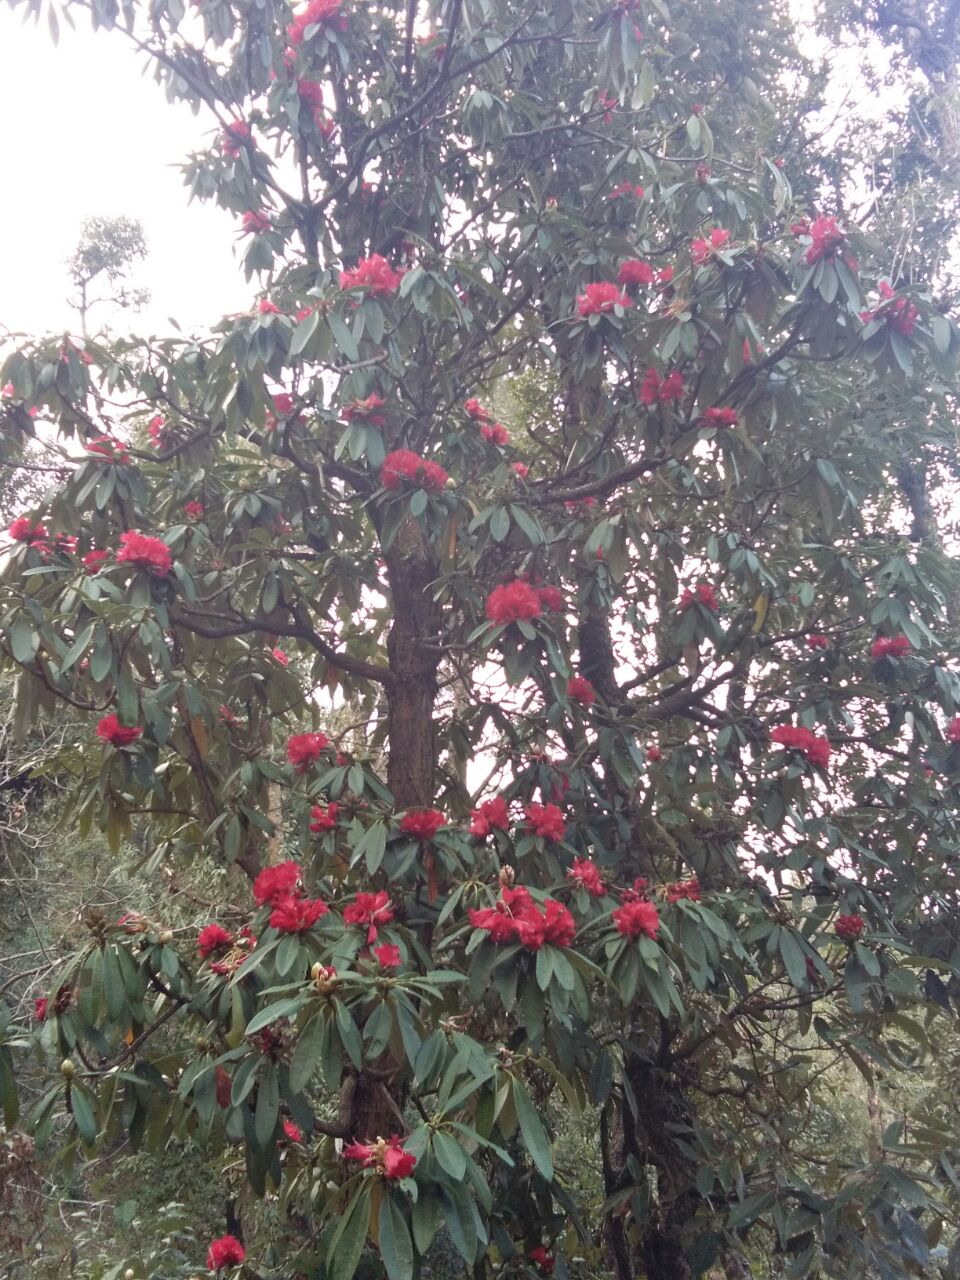 सरना-गुनियालेख के जंगल में खिले बुरांश के फूल